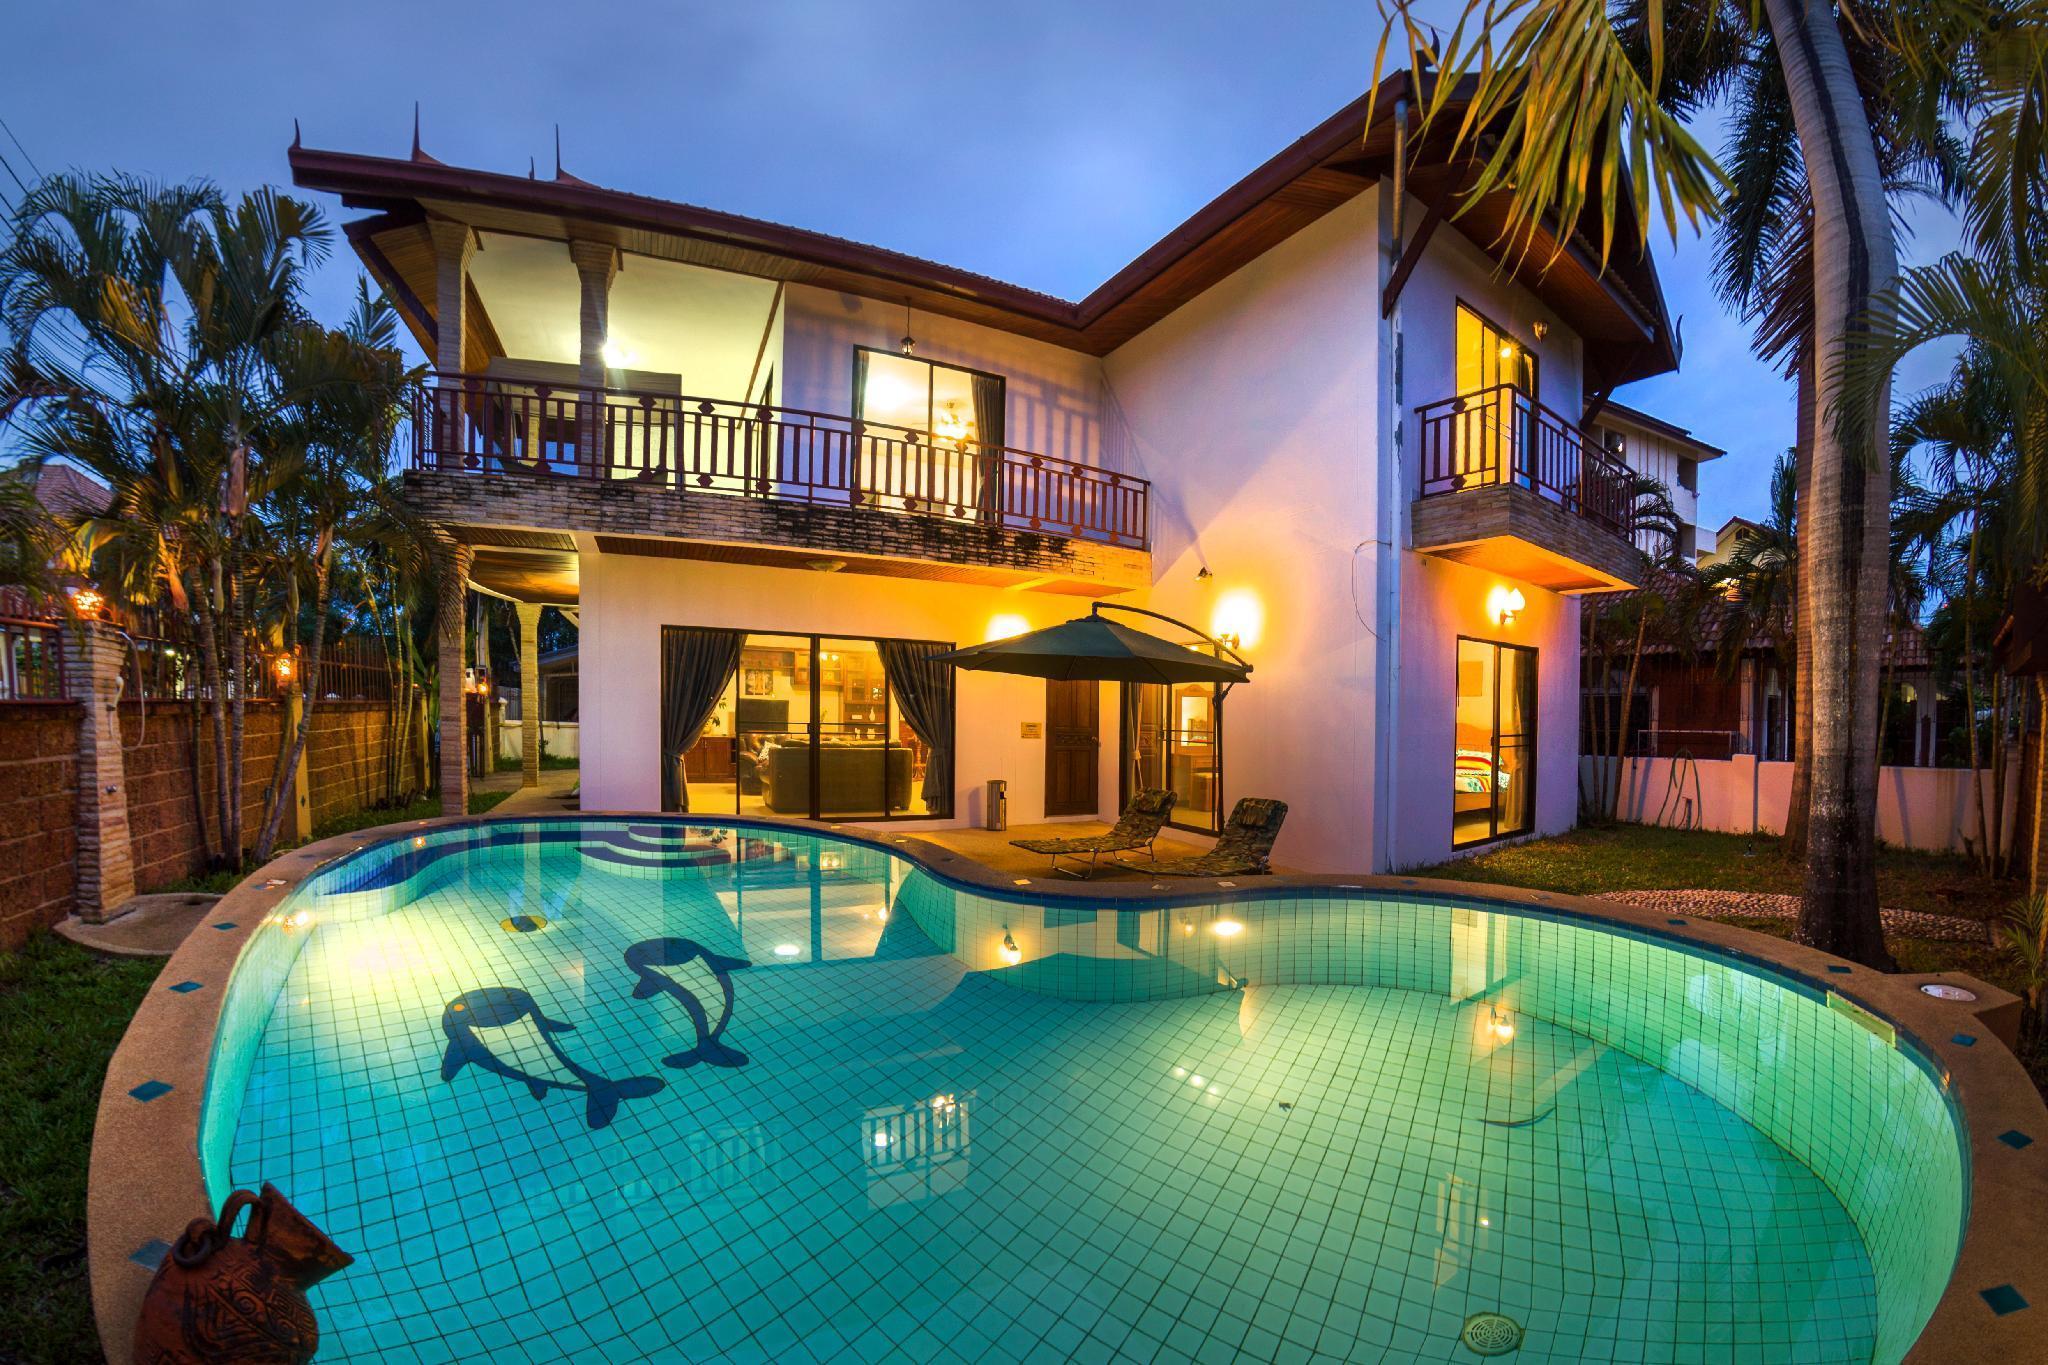 Villa Uranus วิลลา 4 ห้องนอน 3 ห้องน้ำส่วนตัว ขนาด 2200 ตร.ม. – พัทยาใต้